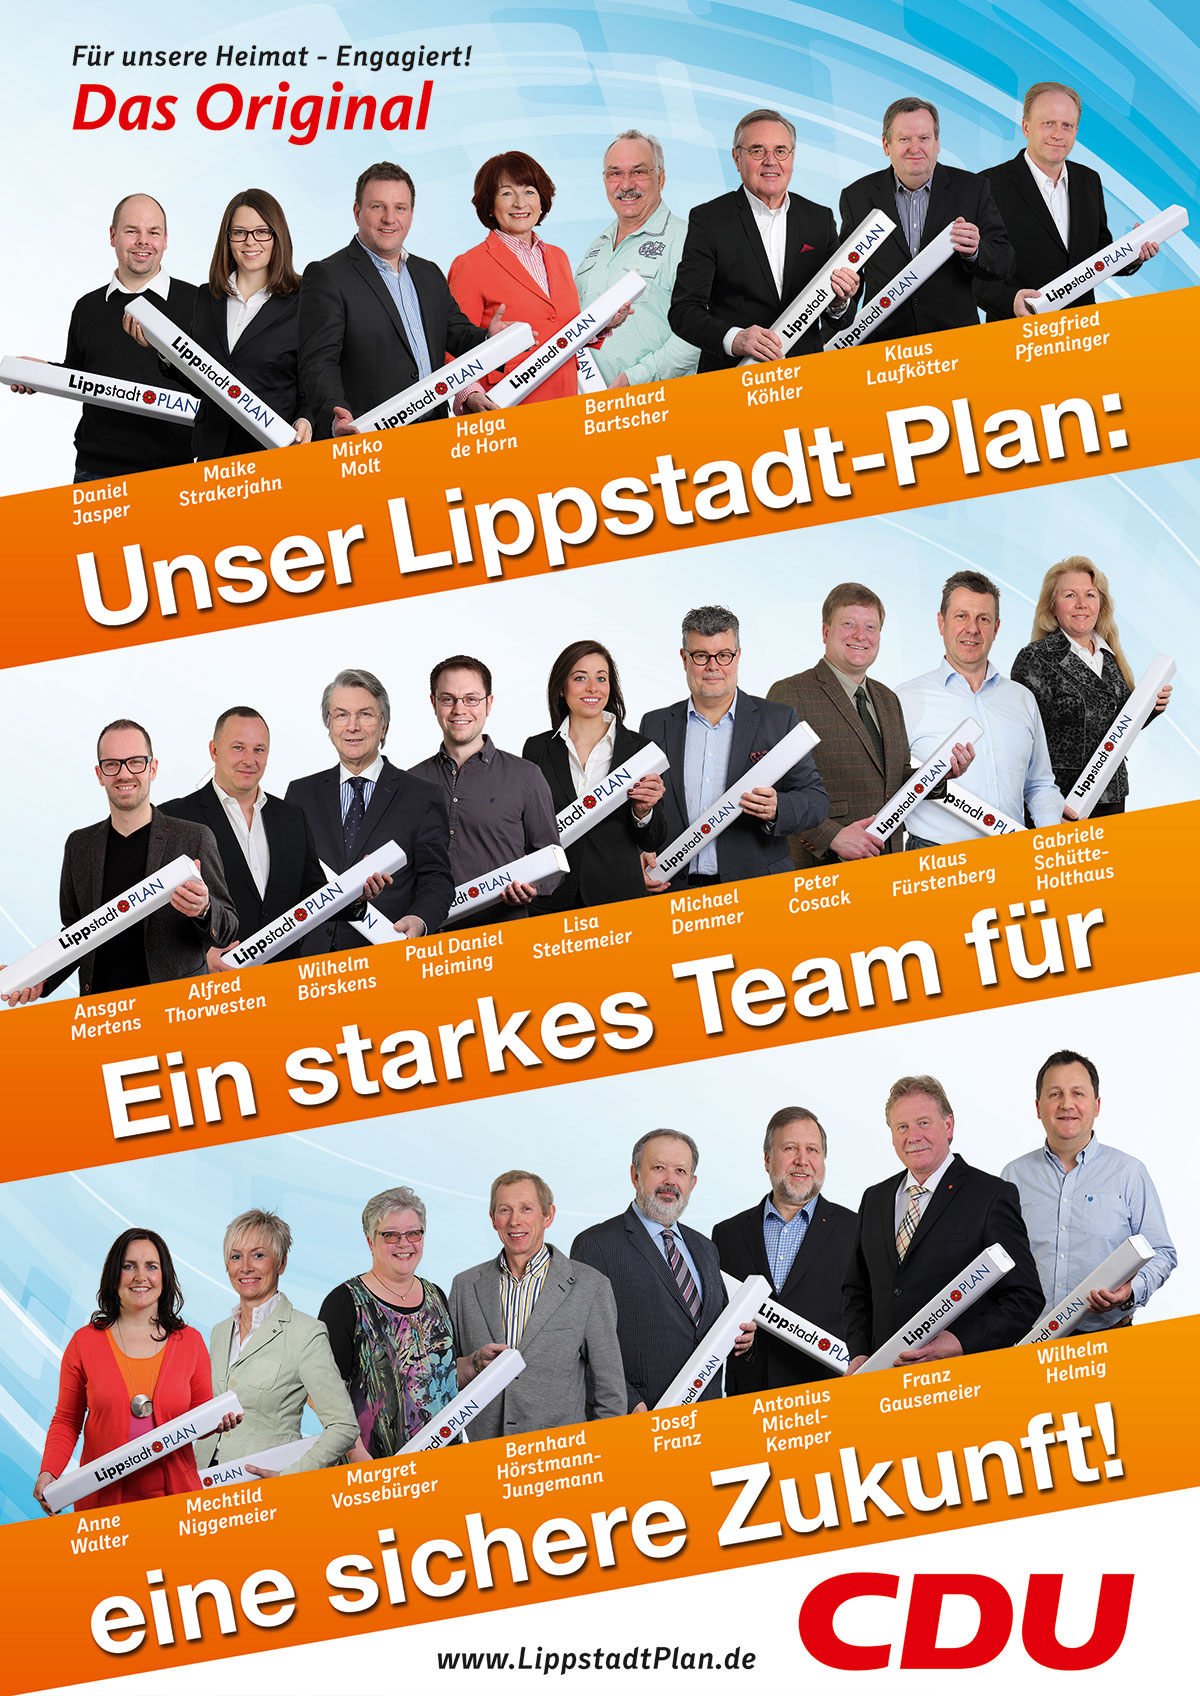 Unser Lippstadt-Plan